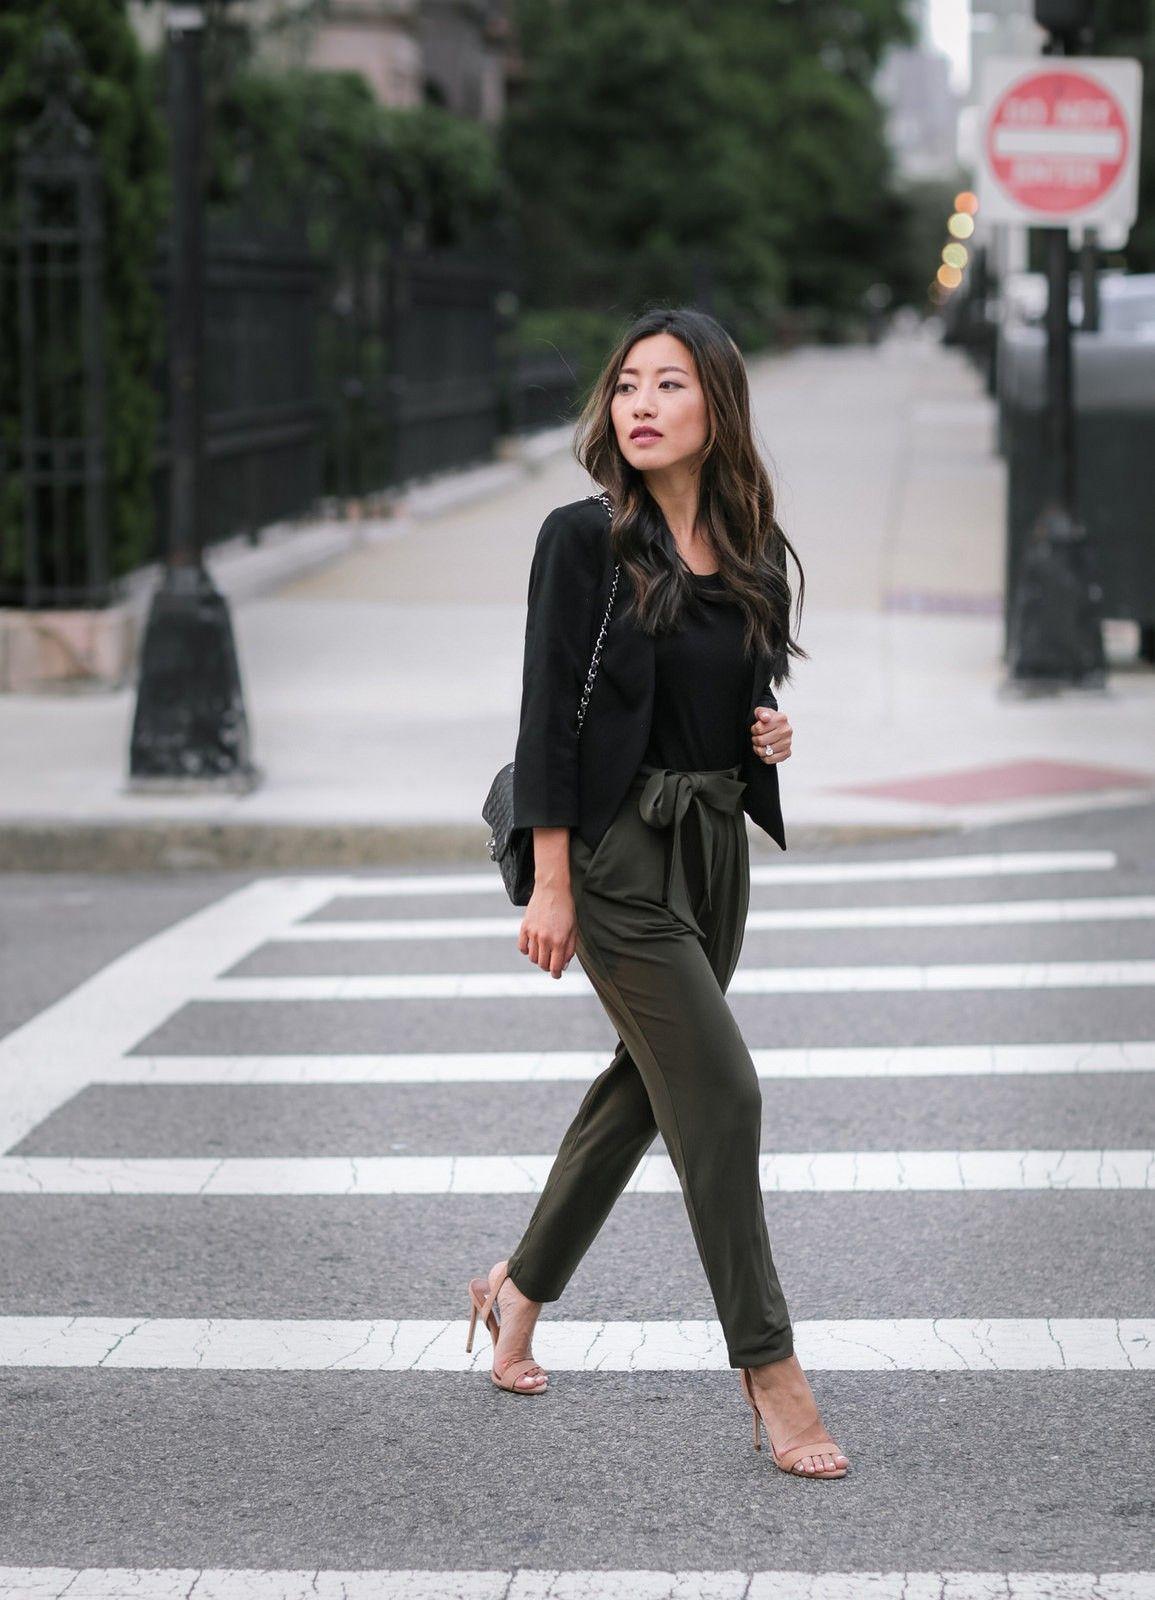 Dress-code-venuerific-blog-business-casual-ladies-long-pants